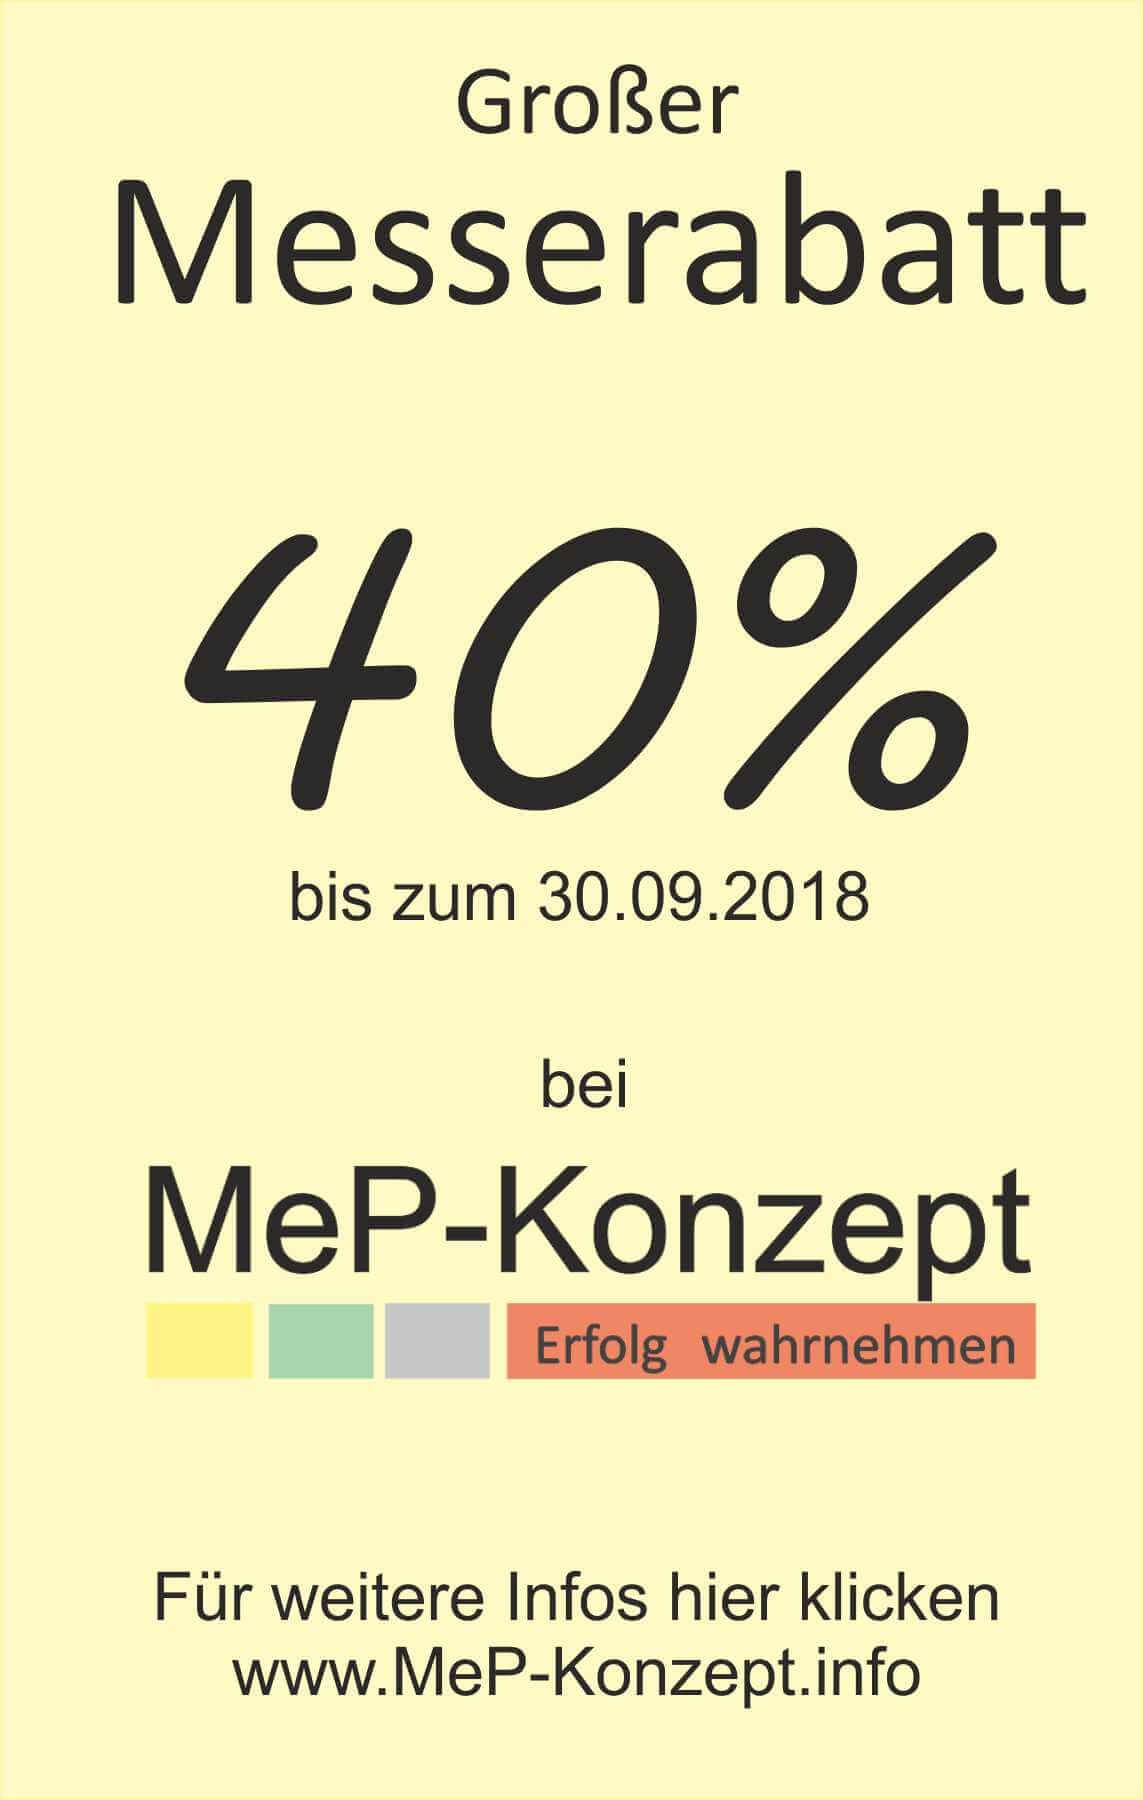 40% Messerabatt bis 30.09.2018 bei MeP-Konzept